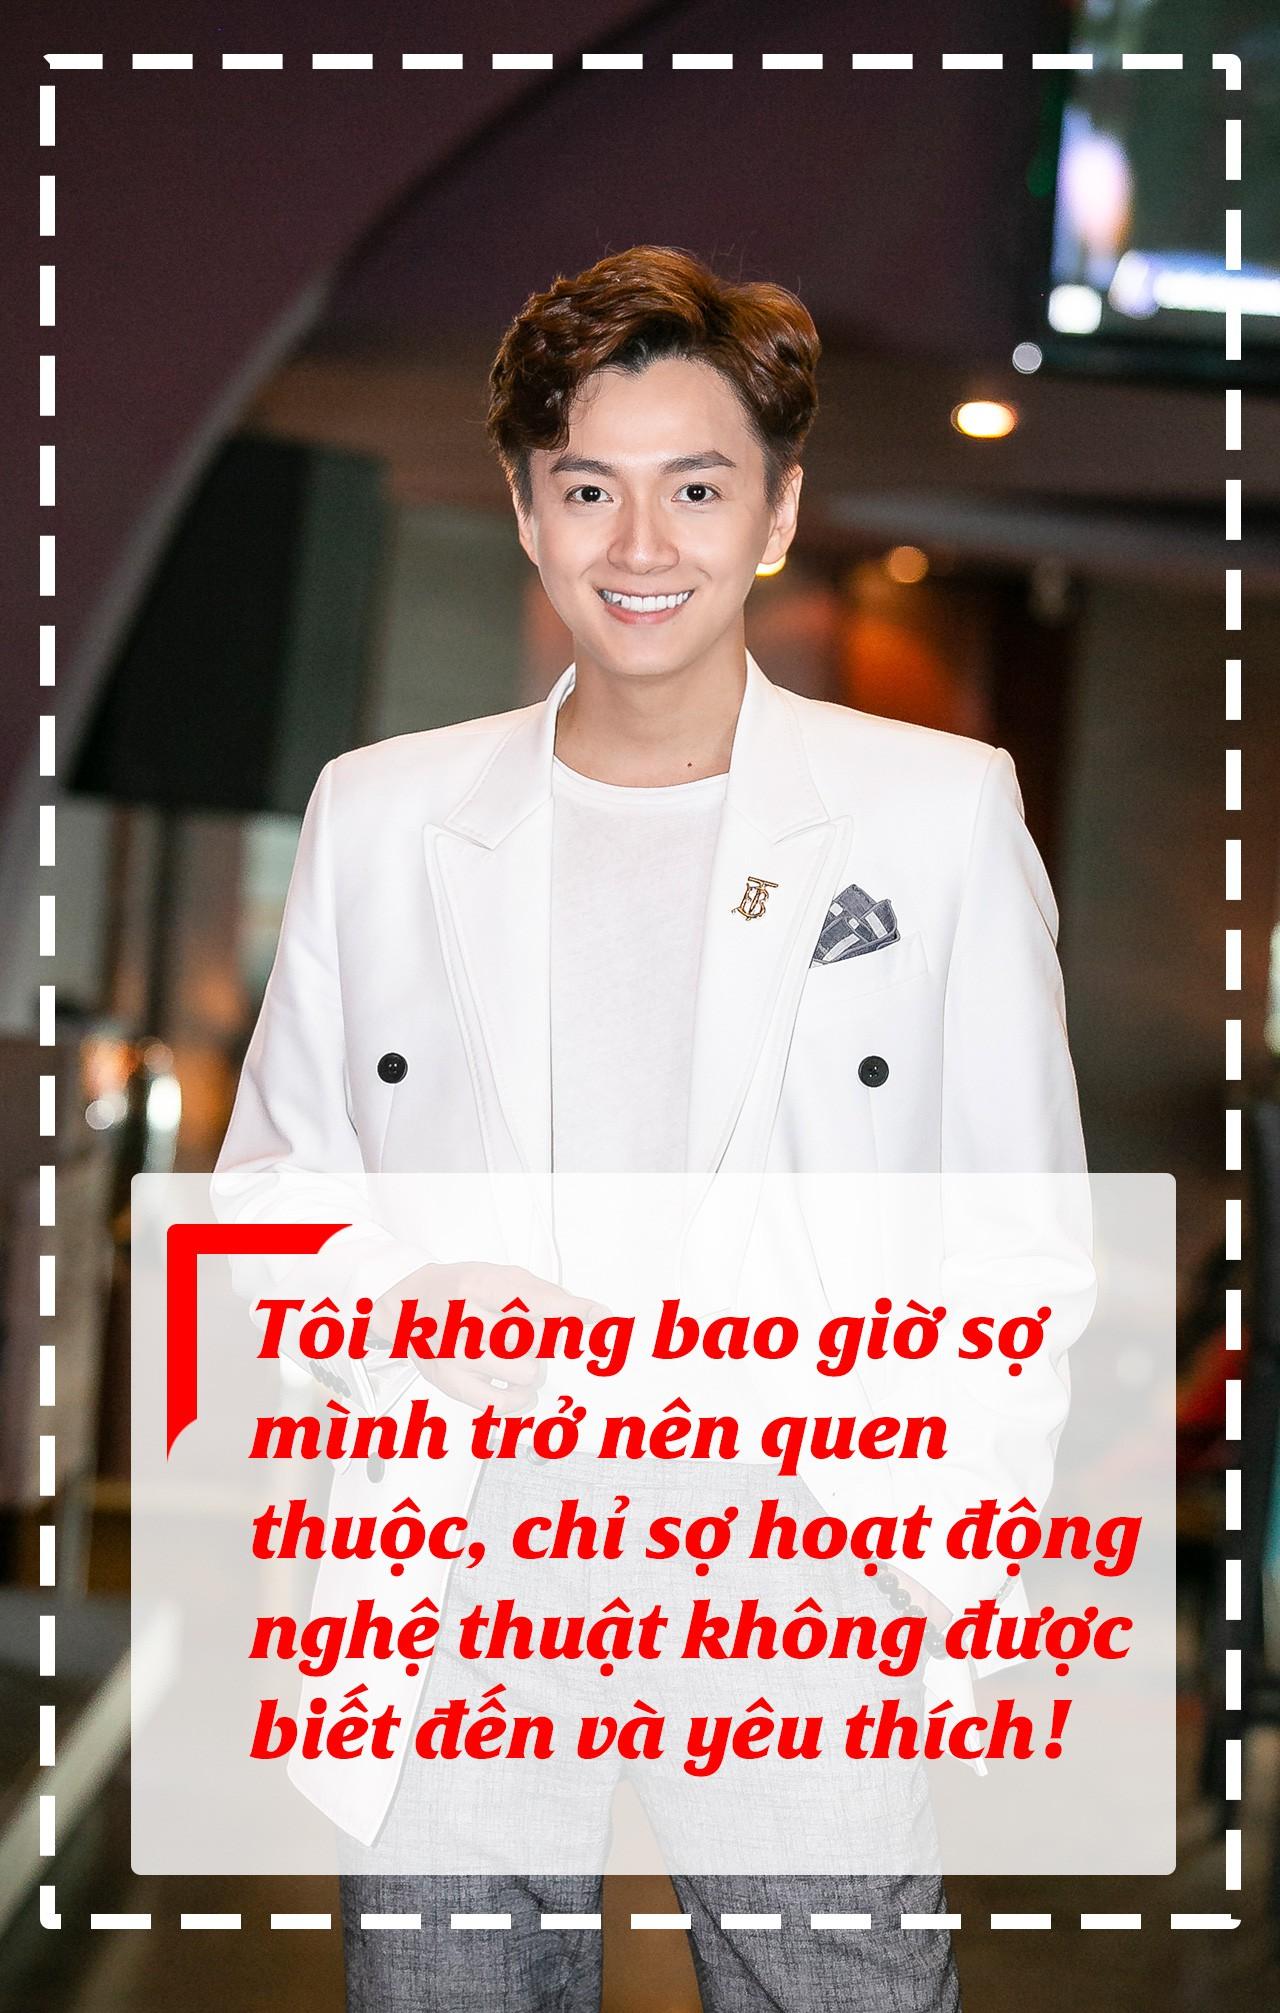 [eMagazine] Ngô Kiến Huy: Chưa tham gia nghệ thuật, đã biết Mai Vàng! - Ảnh 5.